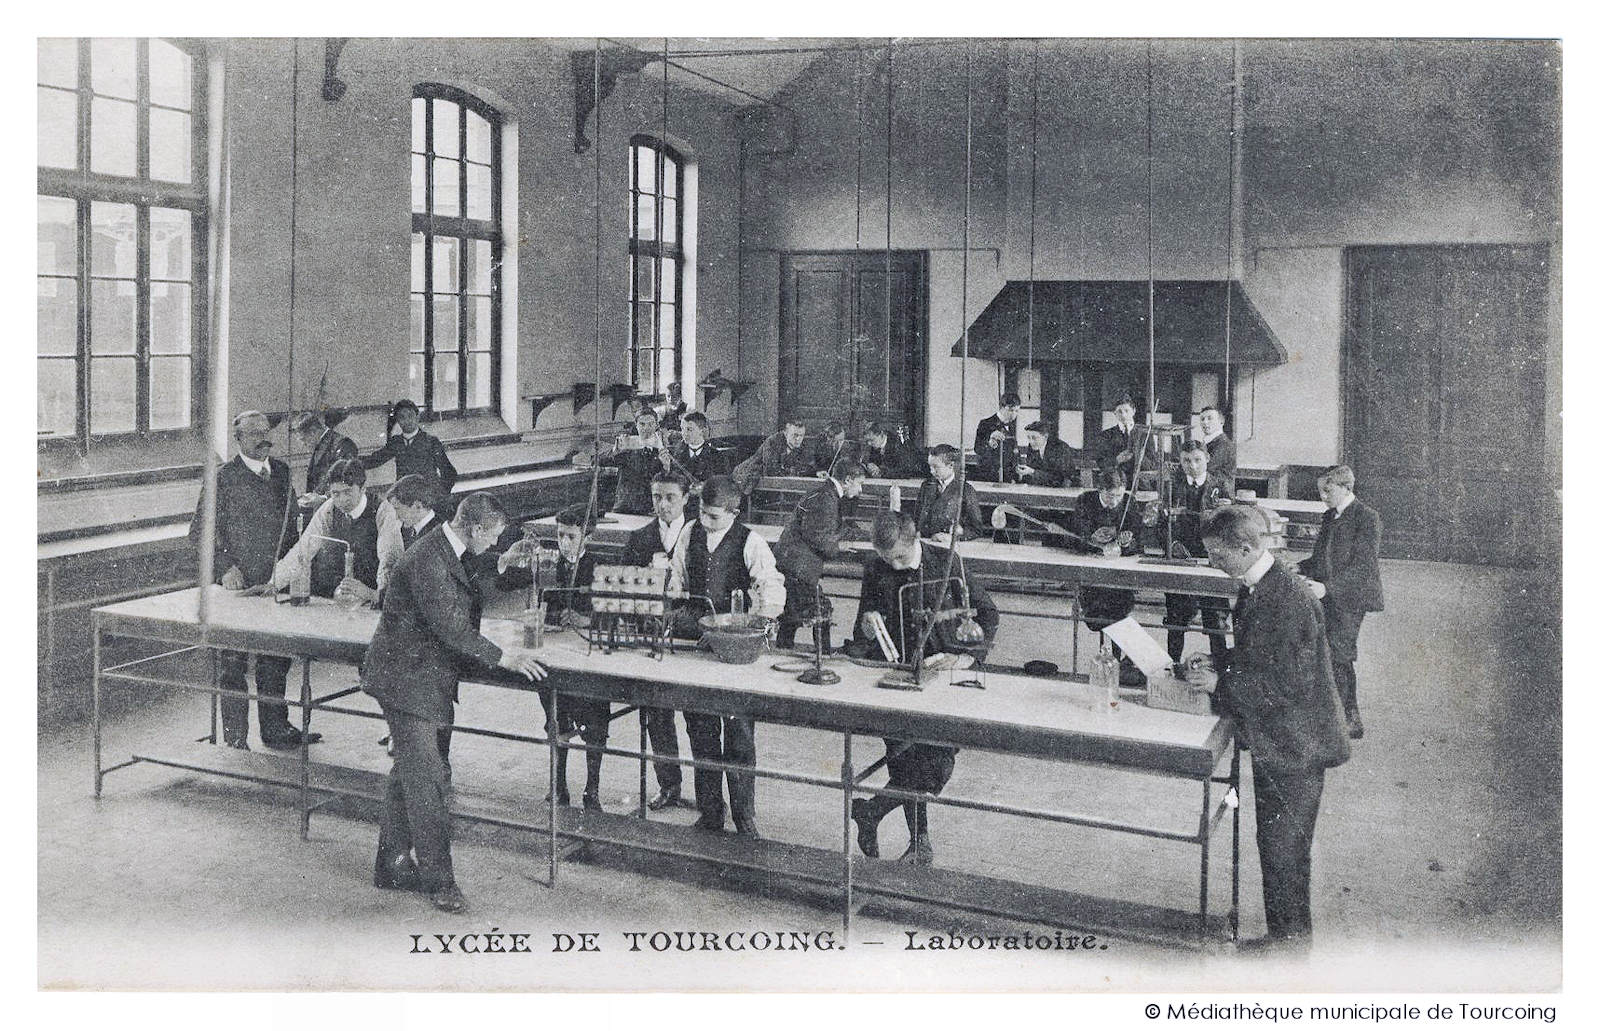 Carte Postale Ancienne - Lycée de Tourcoing, Laboratoire.